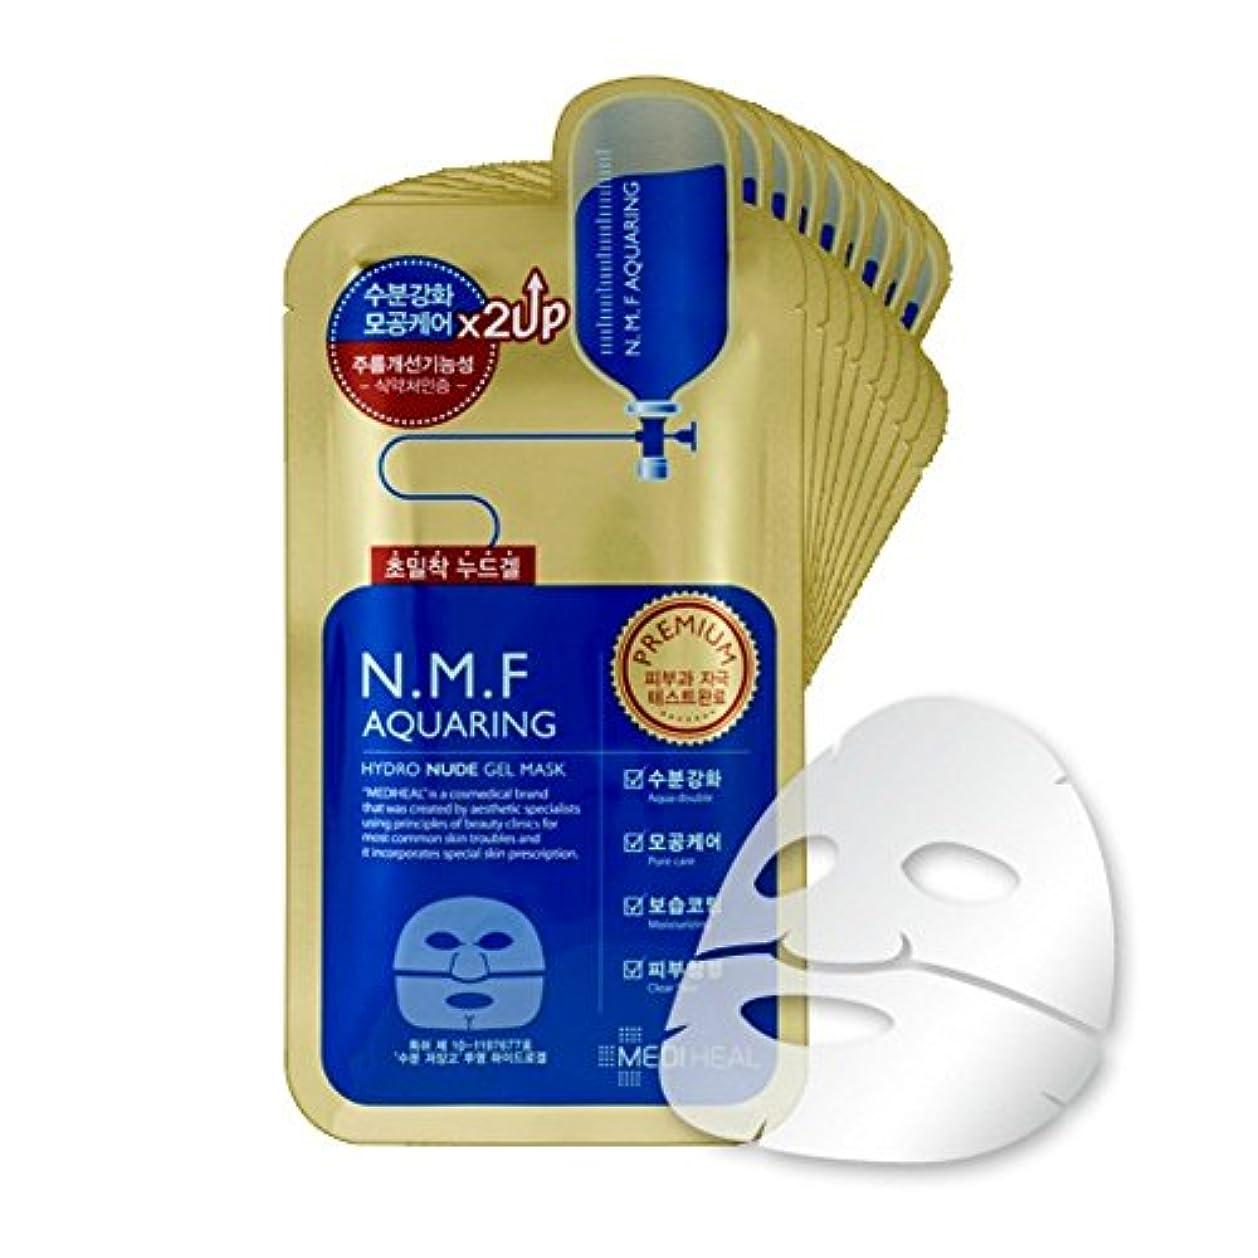 分離モッキンバードオゾンMEDIHEAL メディヒール NMF アクアリング ヌード ゲルマスク (10枚) [Mediheal premium NMF AQUARING Hydro Nude Gel 10 sheets] [並行輸入品]